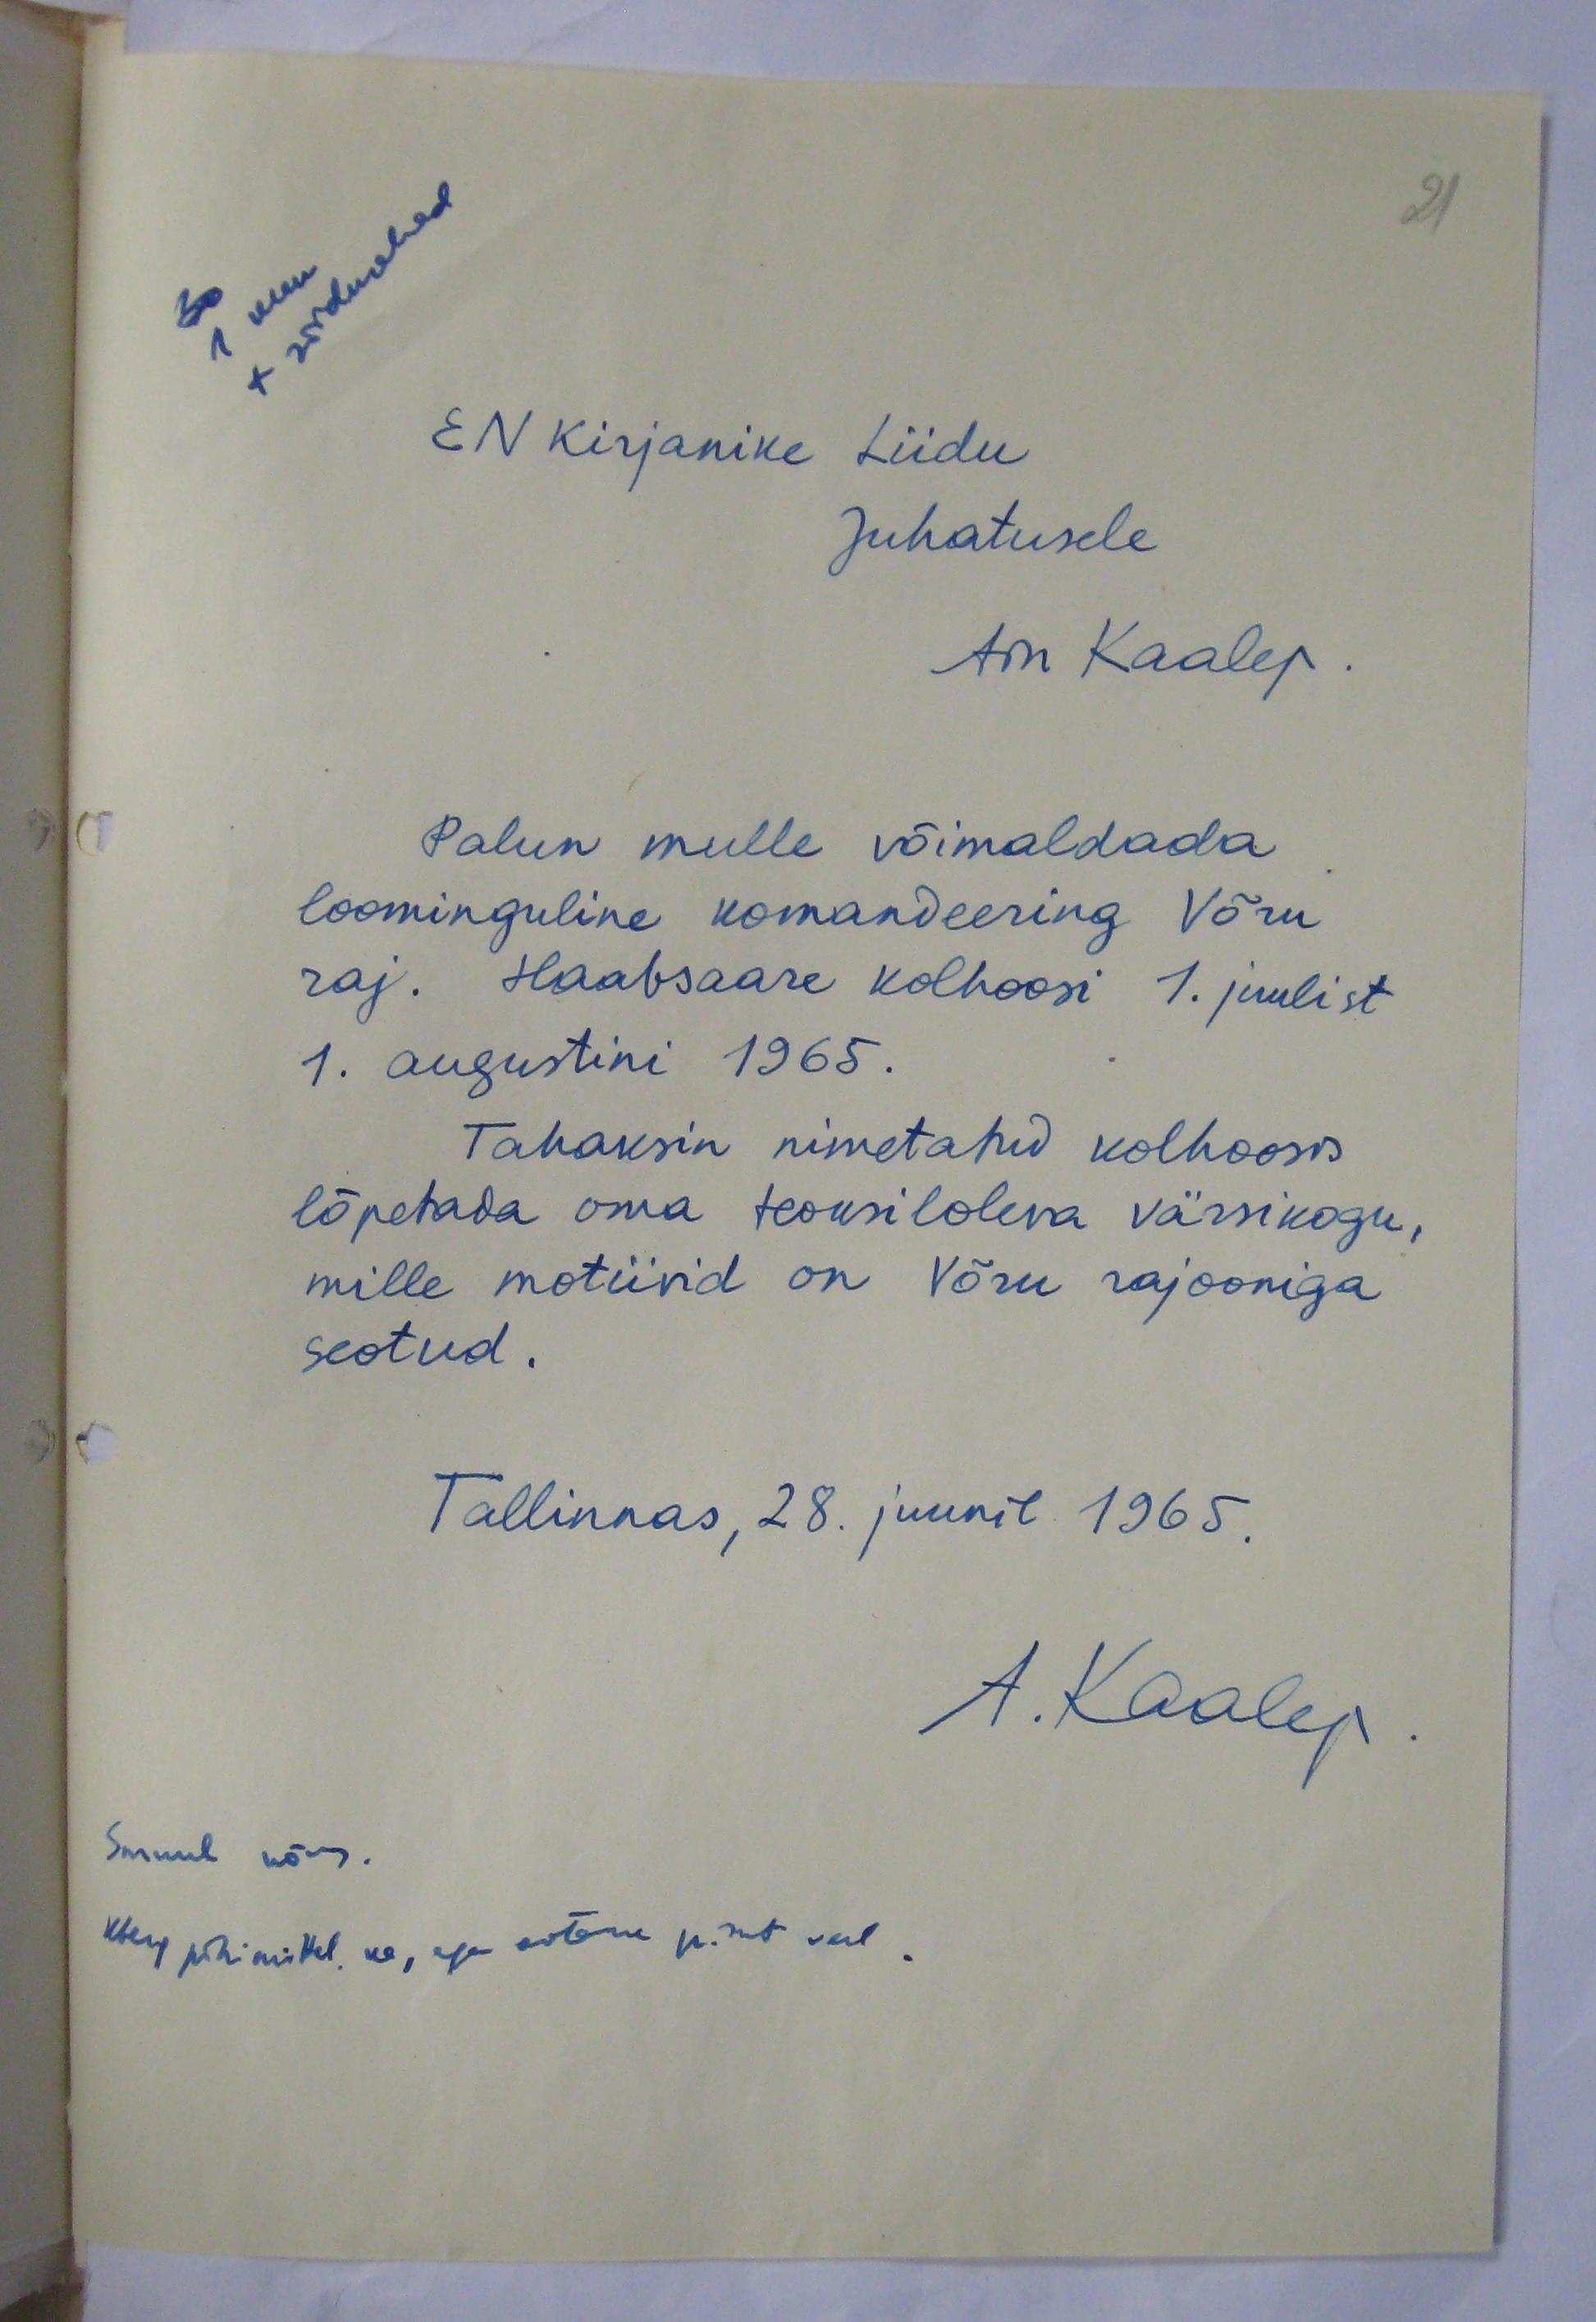 Ain Kaalepi taotlus loominguliseks komandeeringuks Võru Rajooni. ERA-R.1765.1.363